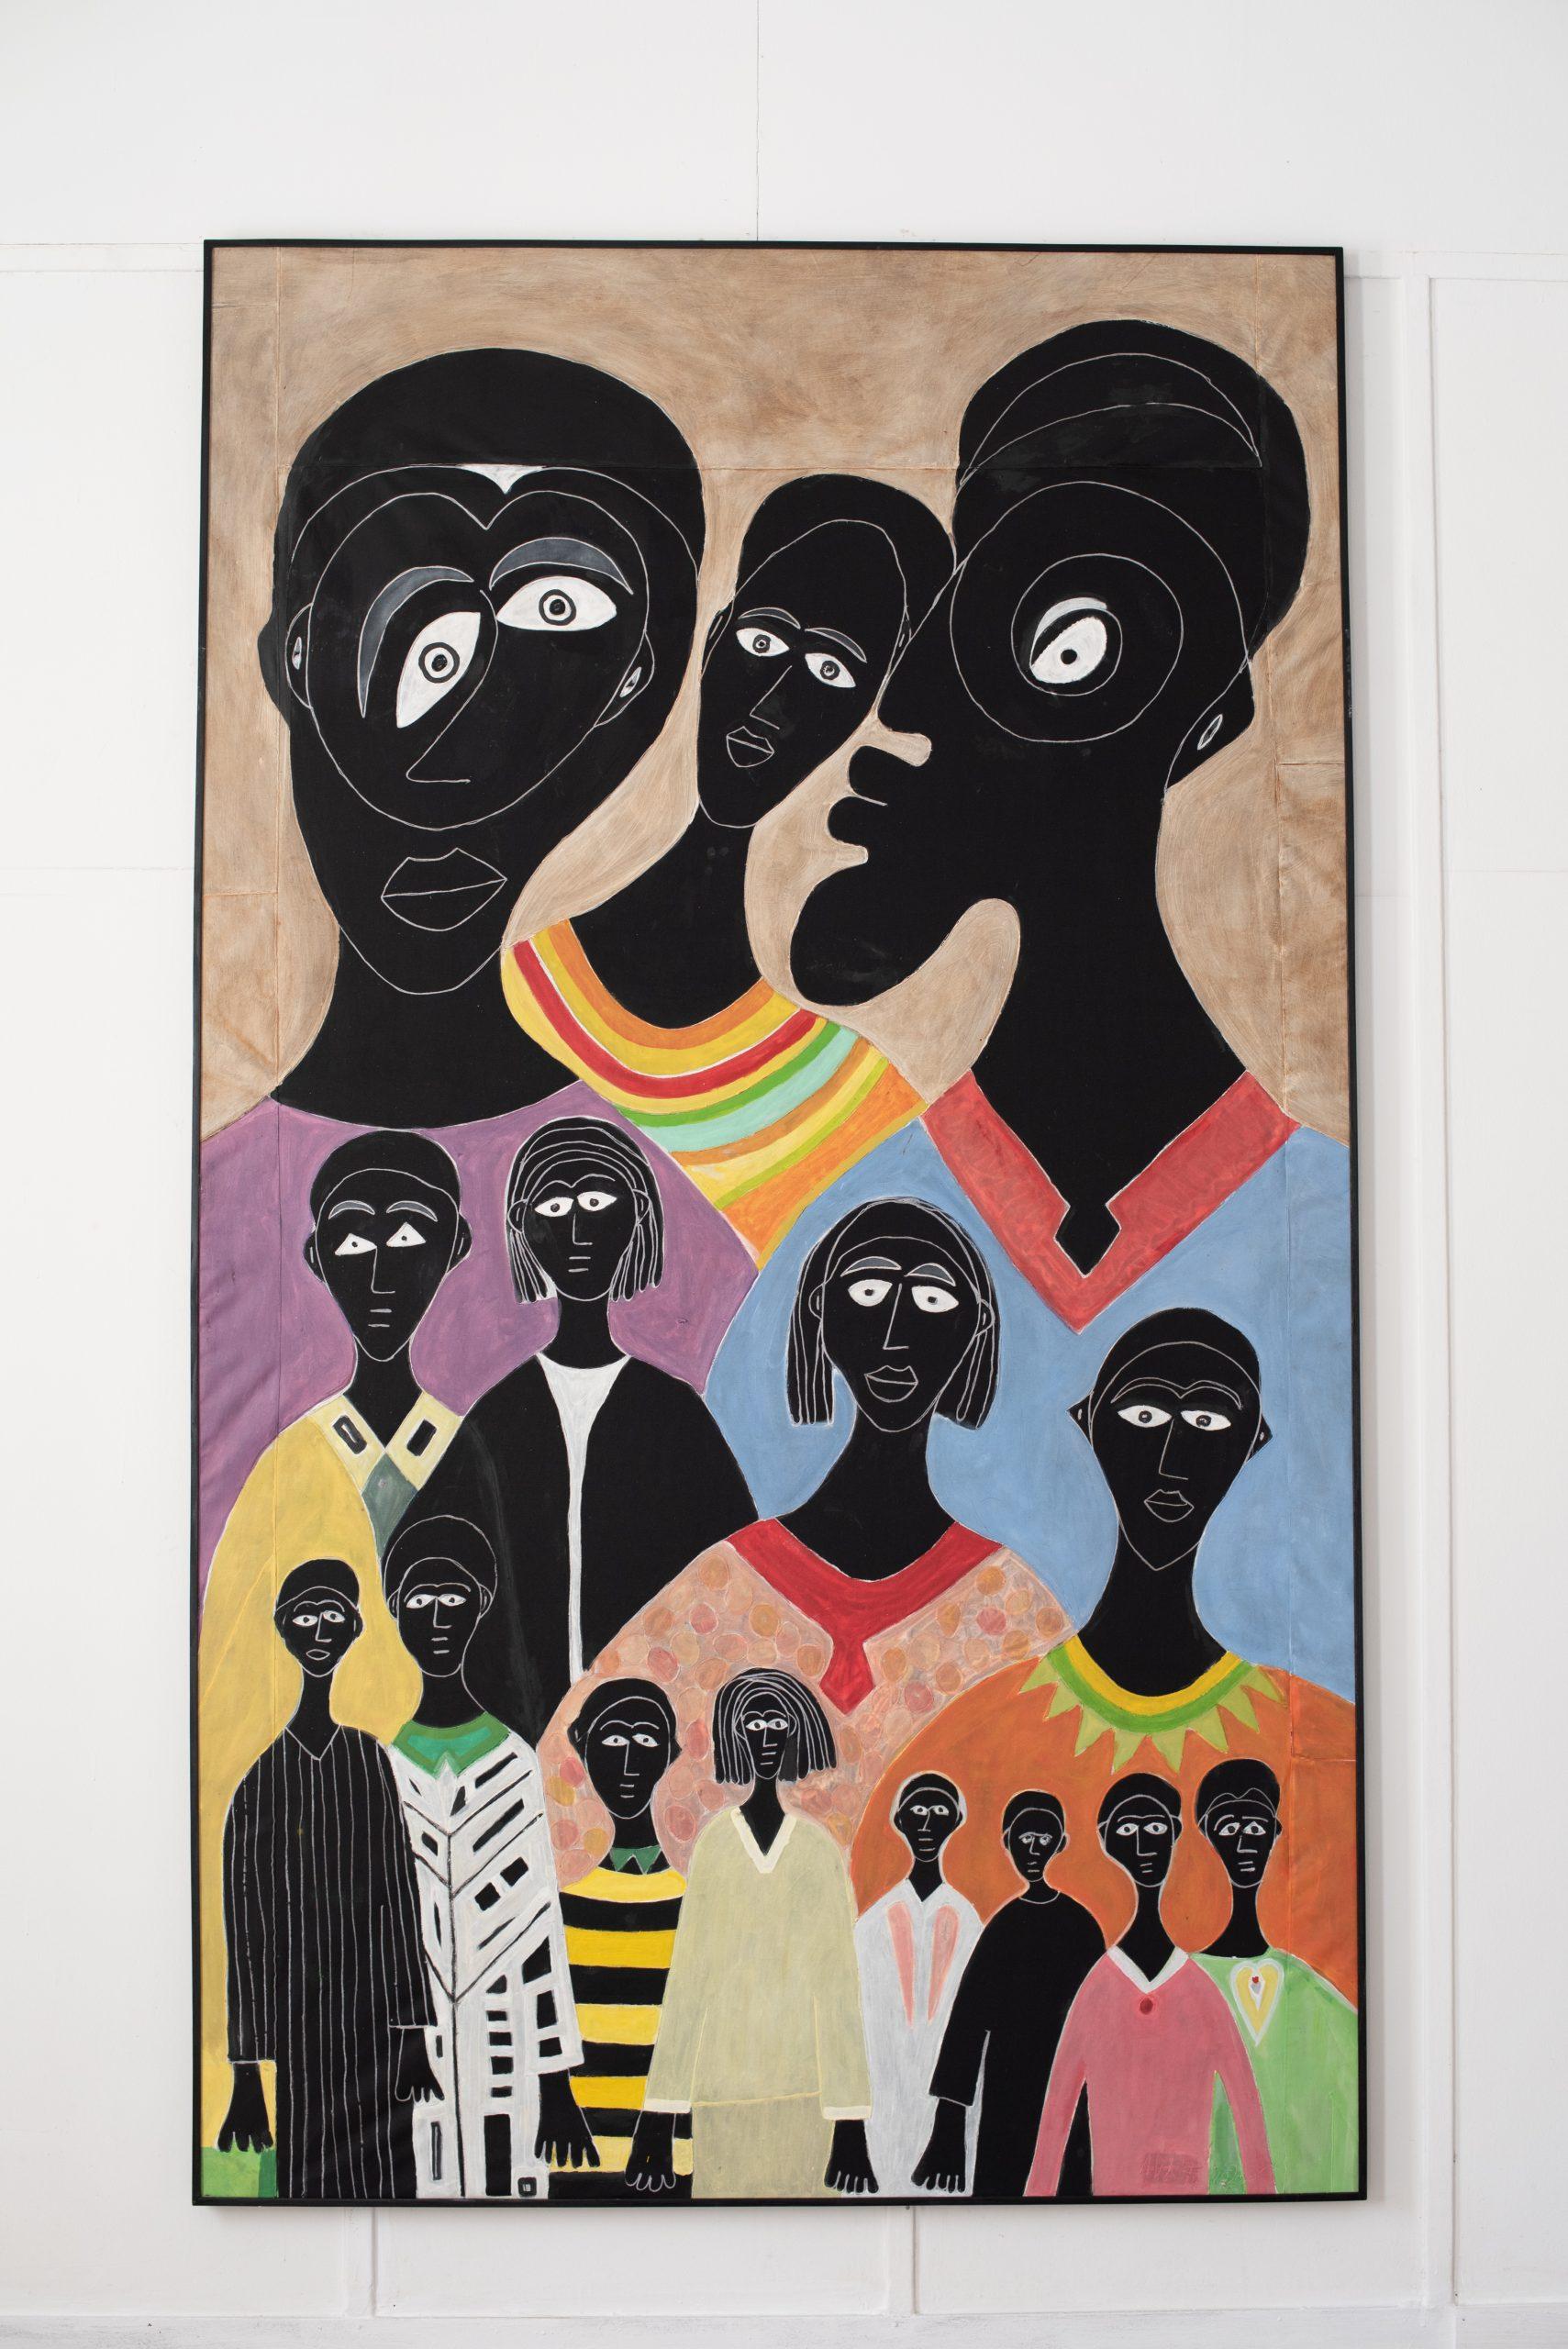 """Alioune Diouf, """"De Génération en Génération"""", 2020. Courtesy of Selebe Yoon"""